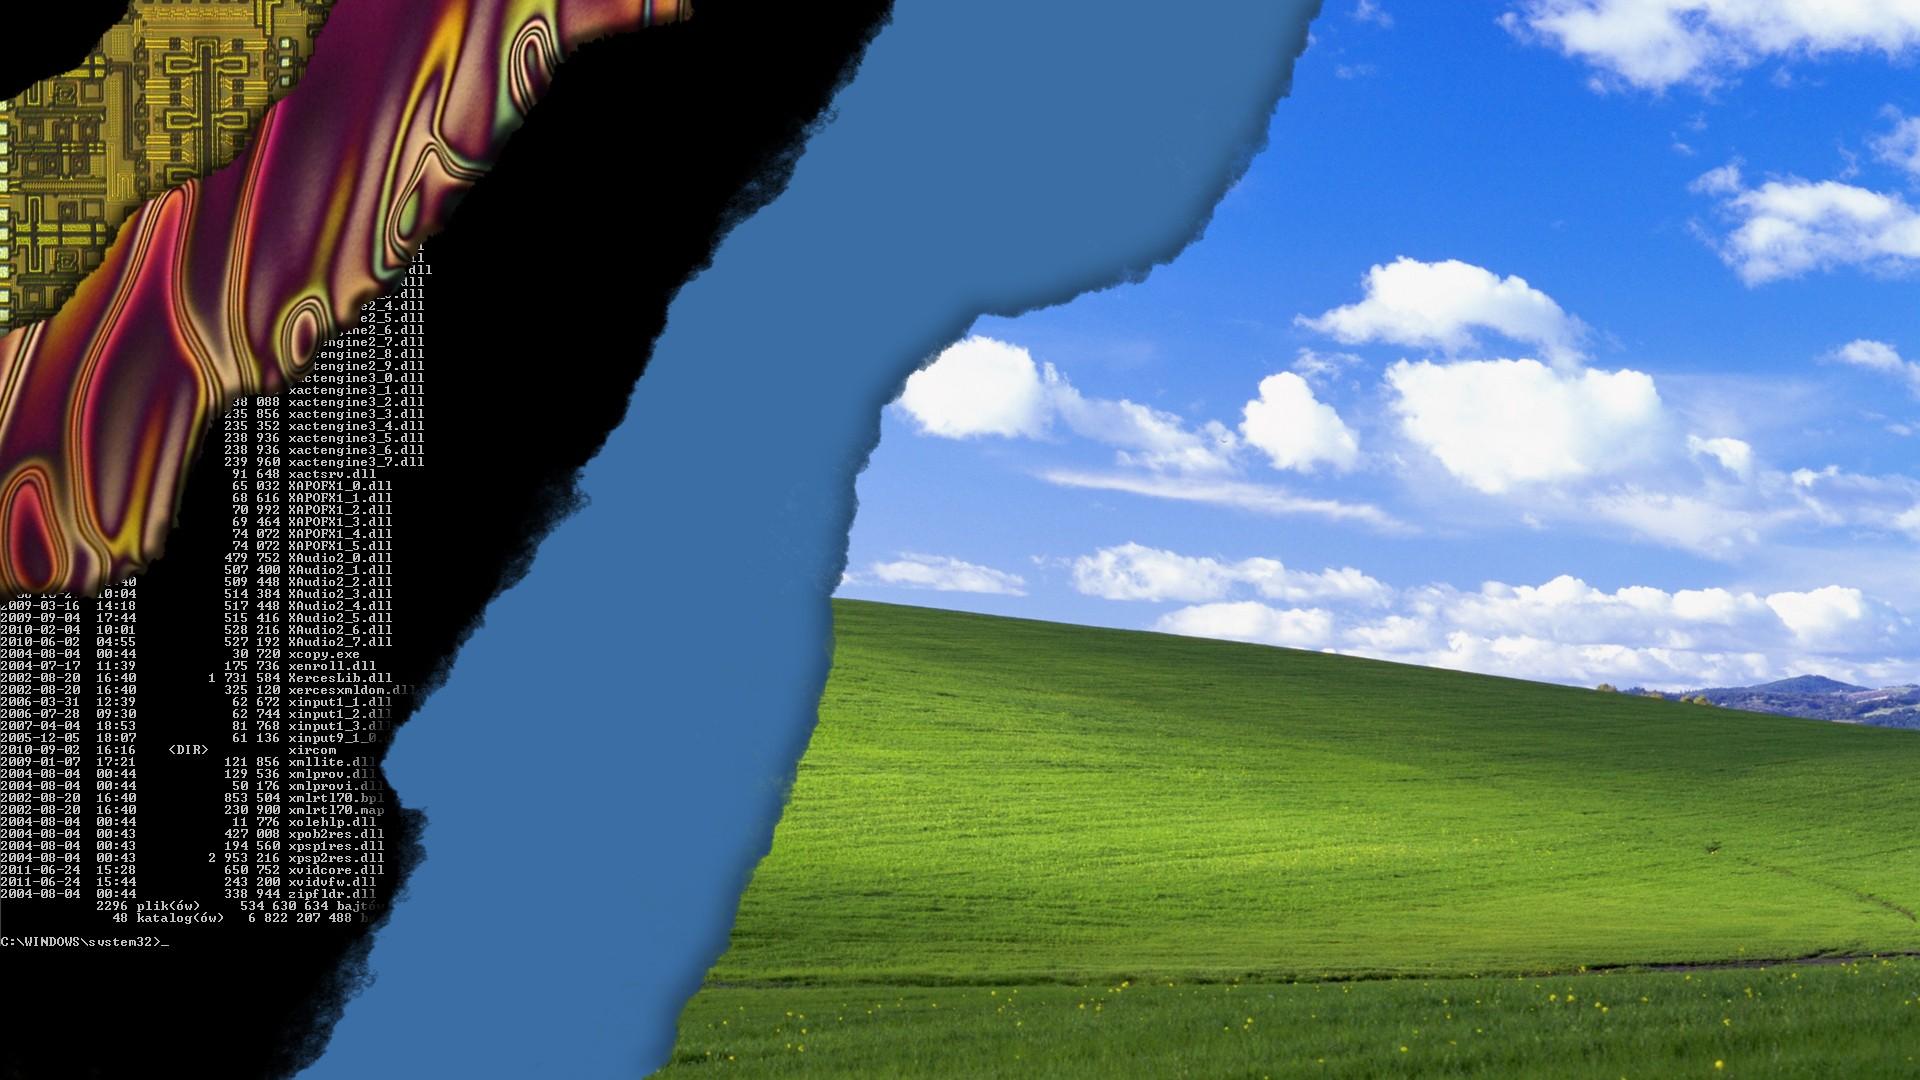 デスクトップ壁紙 空 風 技術 Windows Xp 草原 プレーン 生態